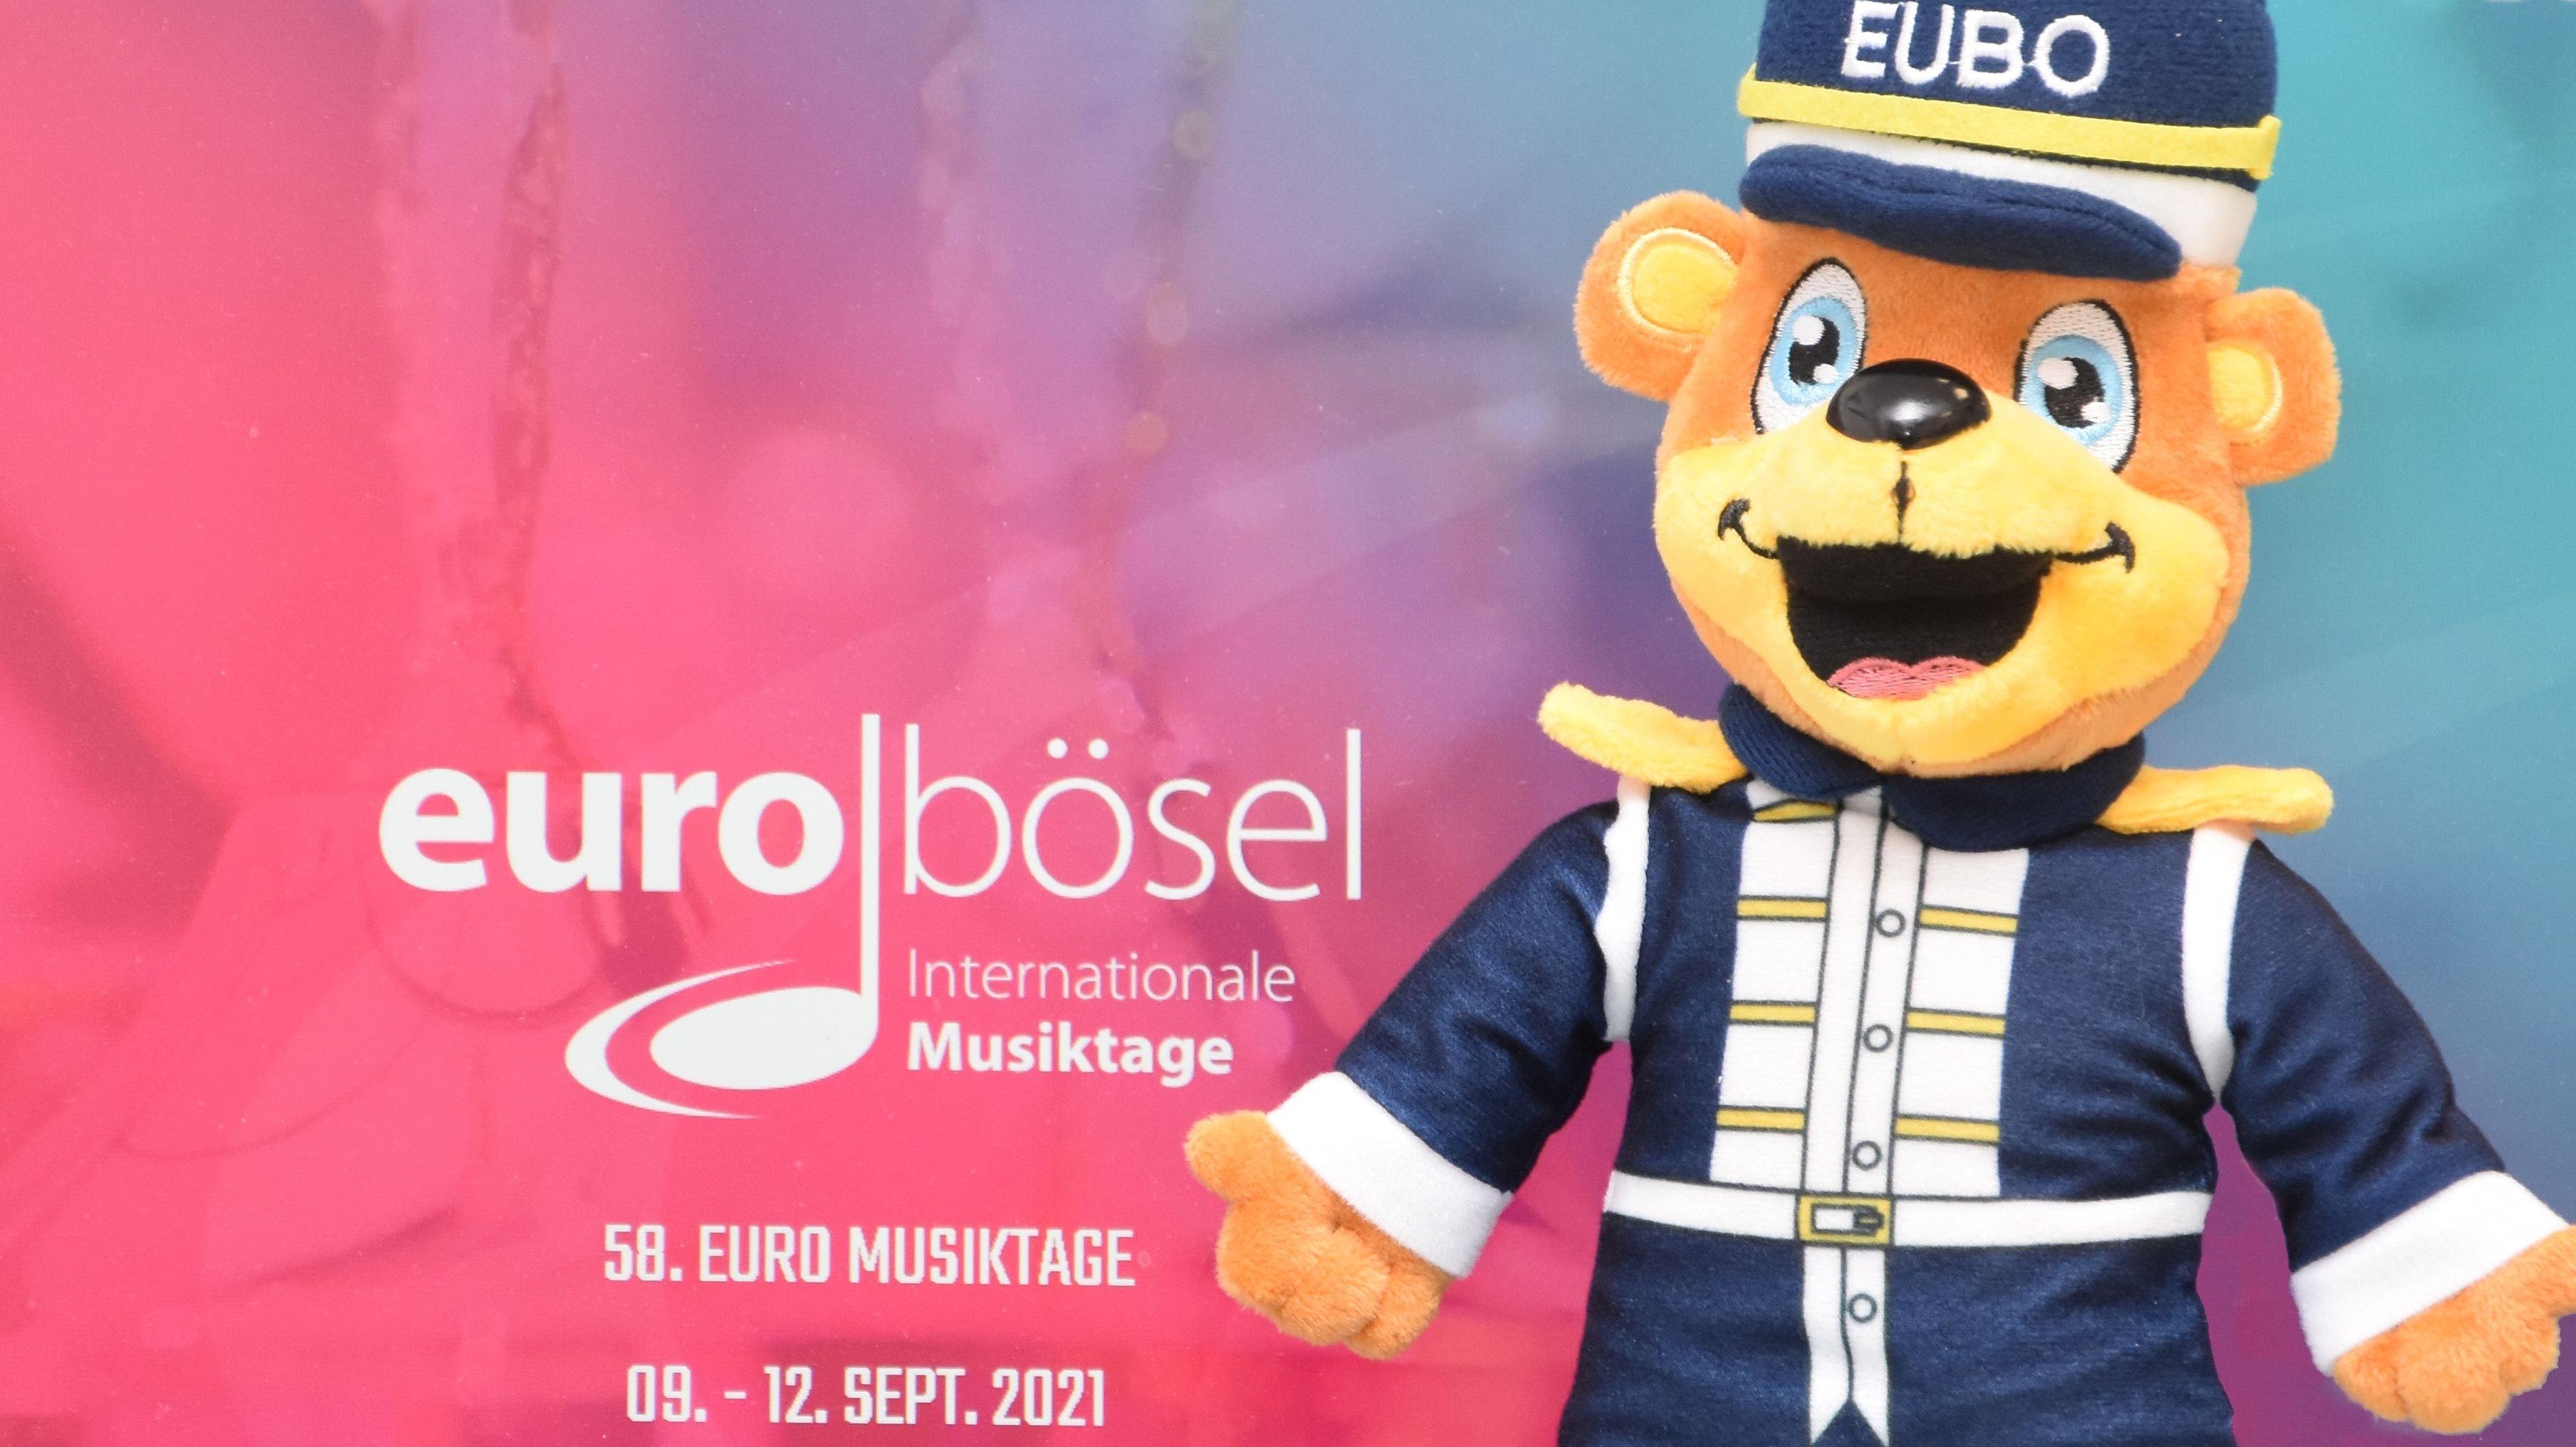 25 Zentimeter groß: Statt der Euro-Musiktage präsentiert sich zumindest der Mini-EuBo, der ab jetzt erhältlich ist. Foto: Claudia Wimberg